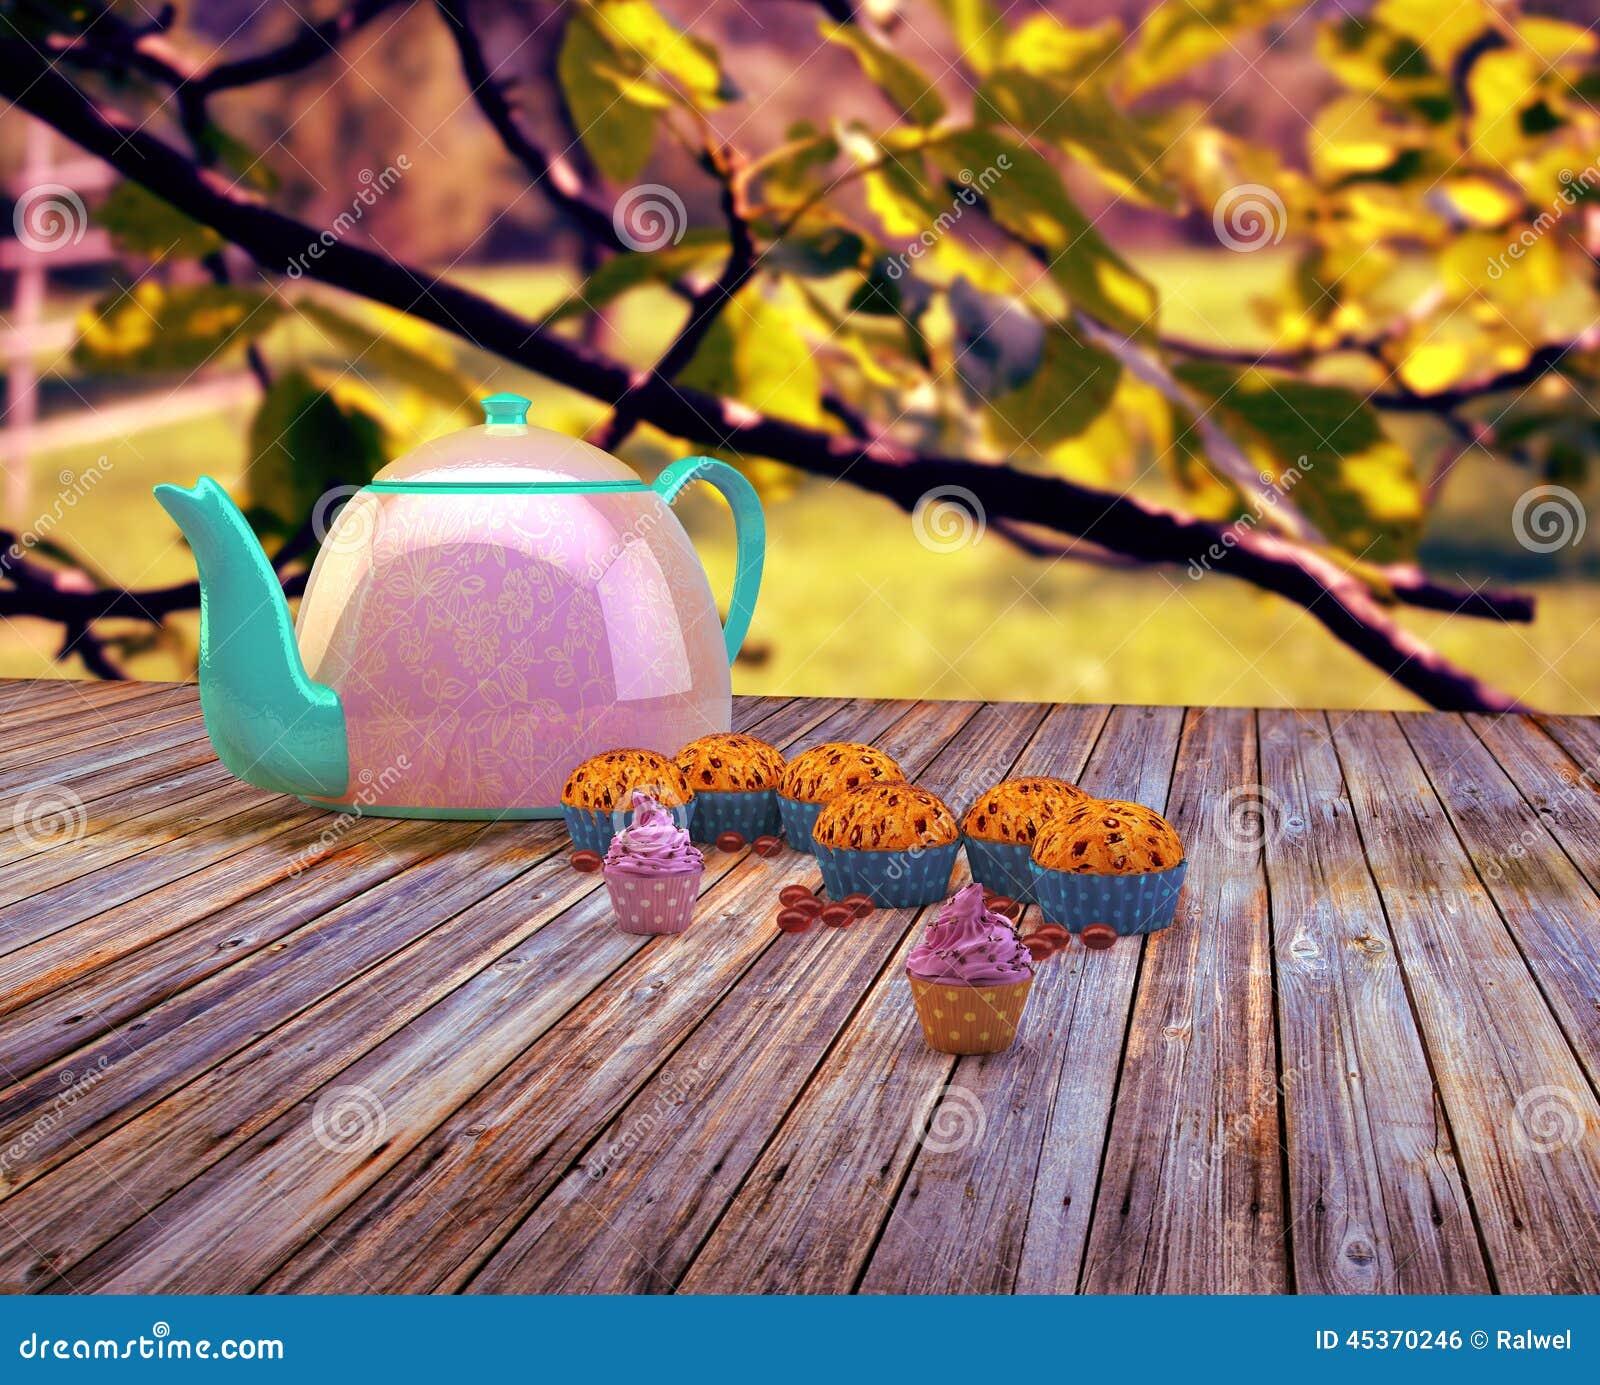 Théière et petits gâteaux